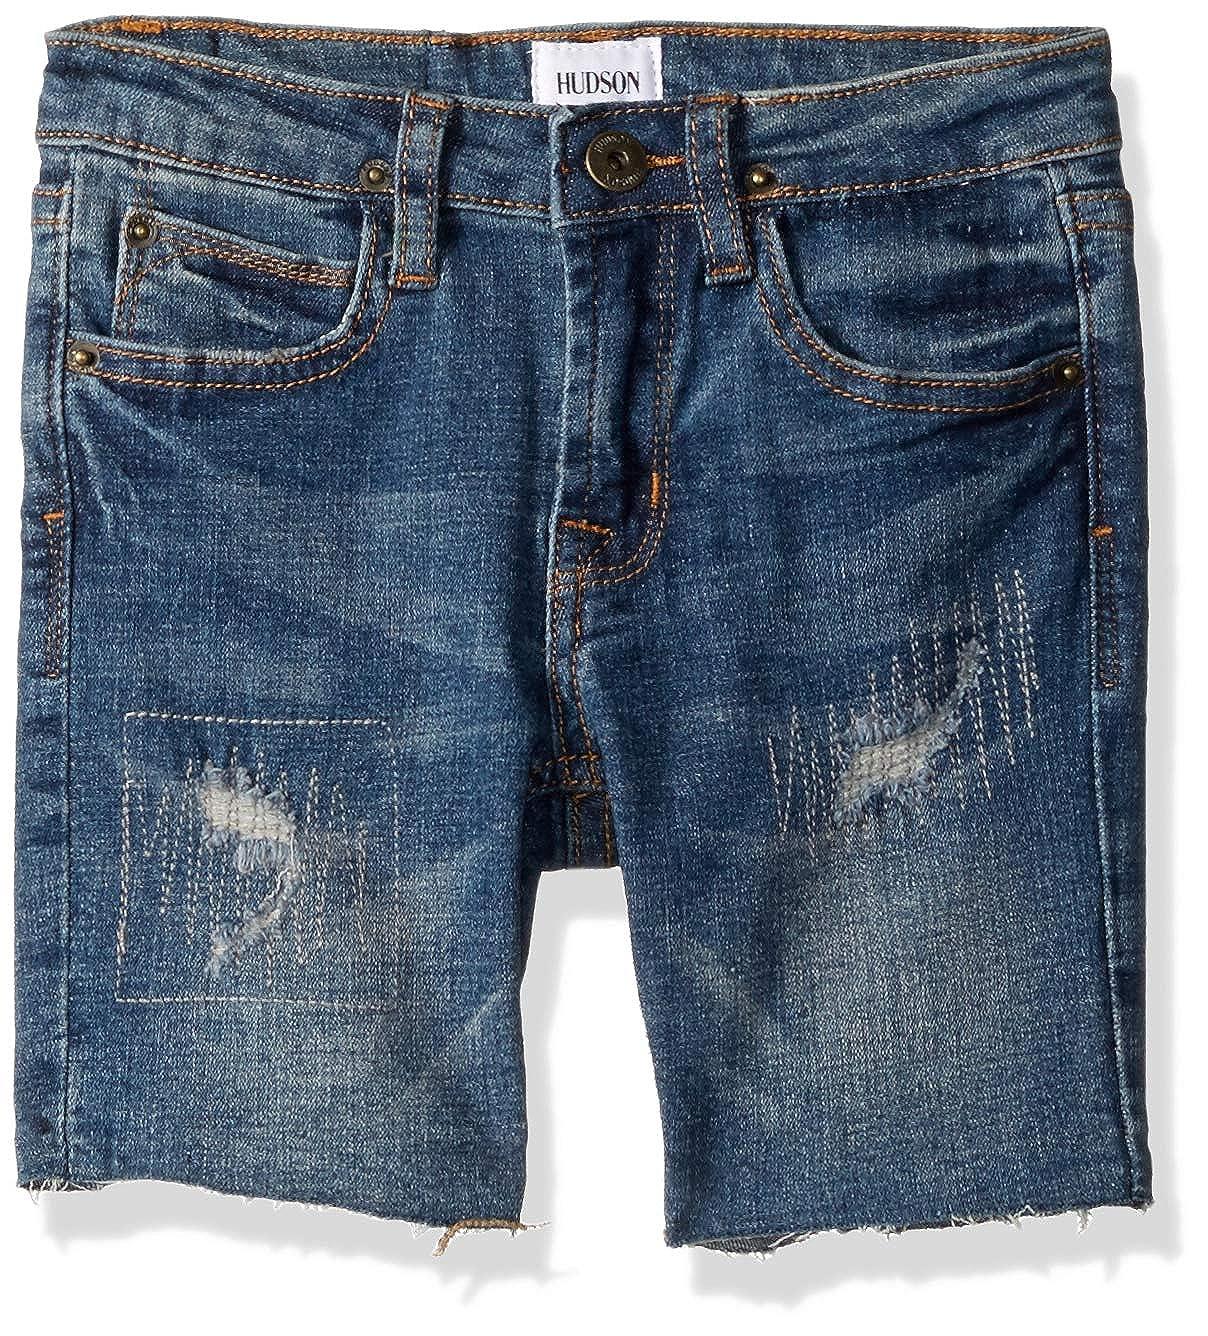 HUDSON Boys Denim Jean Shorts